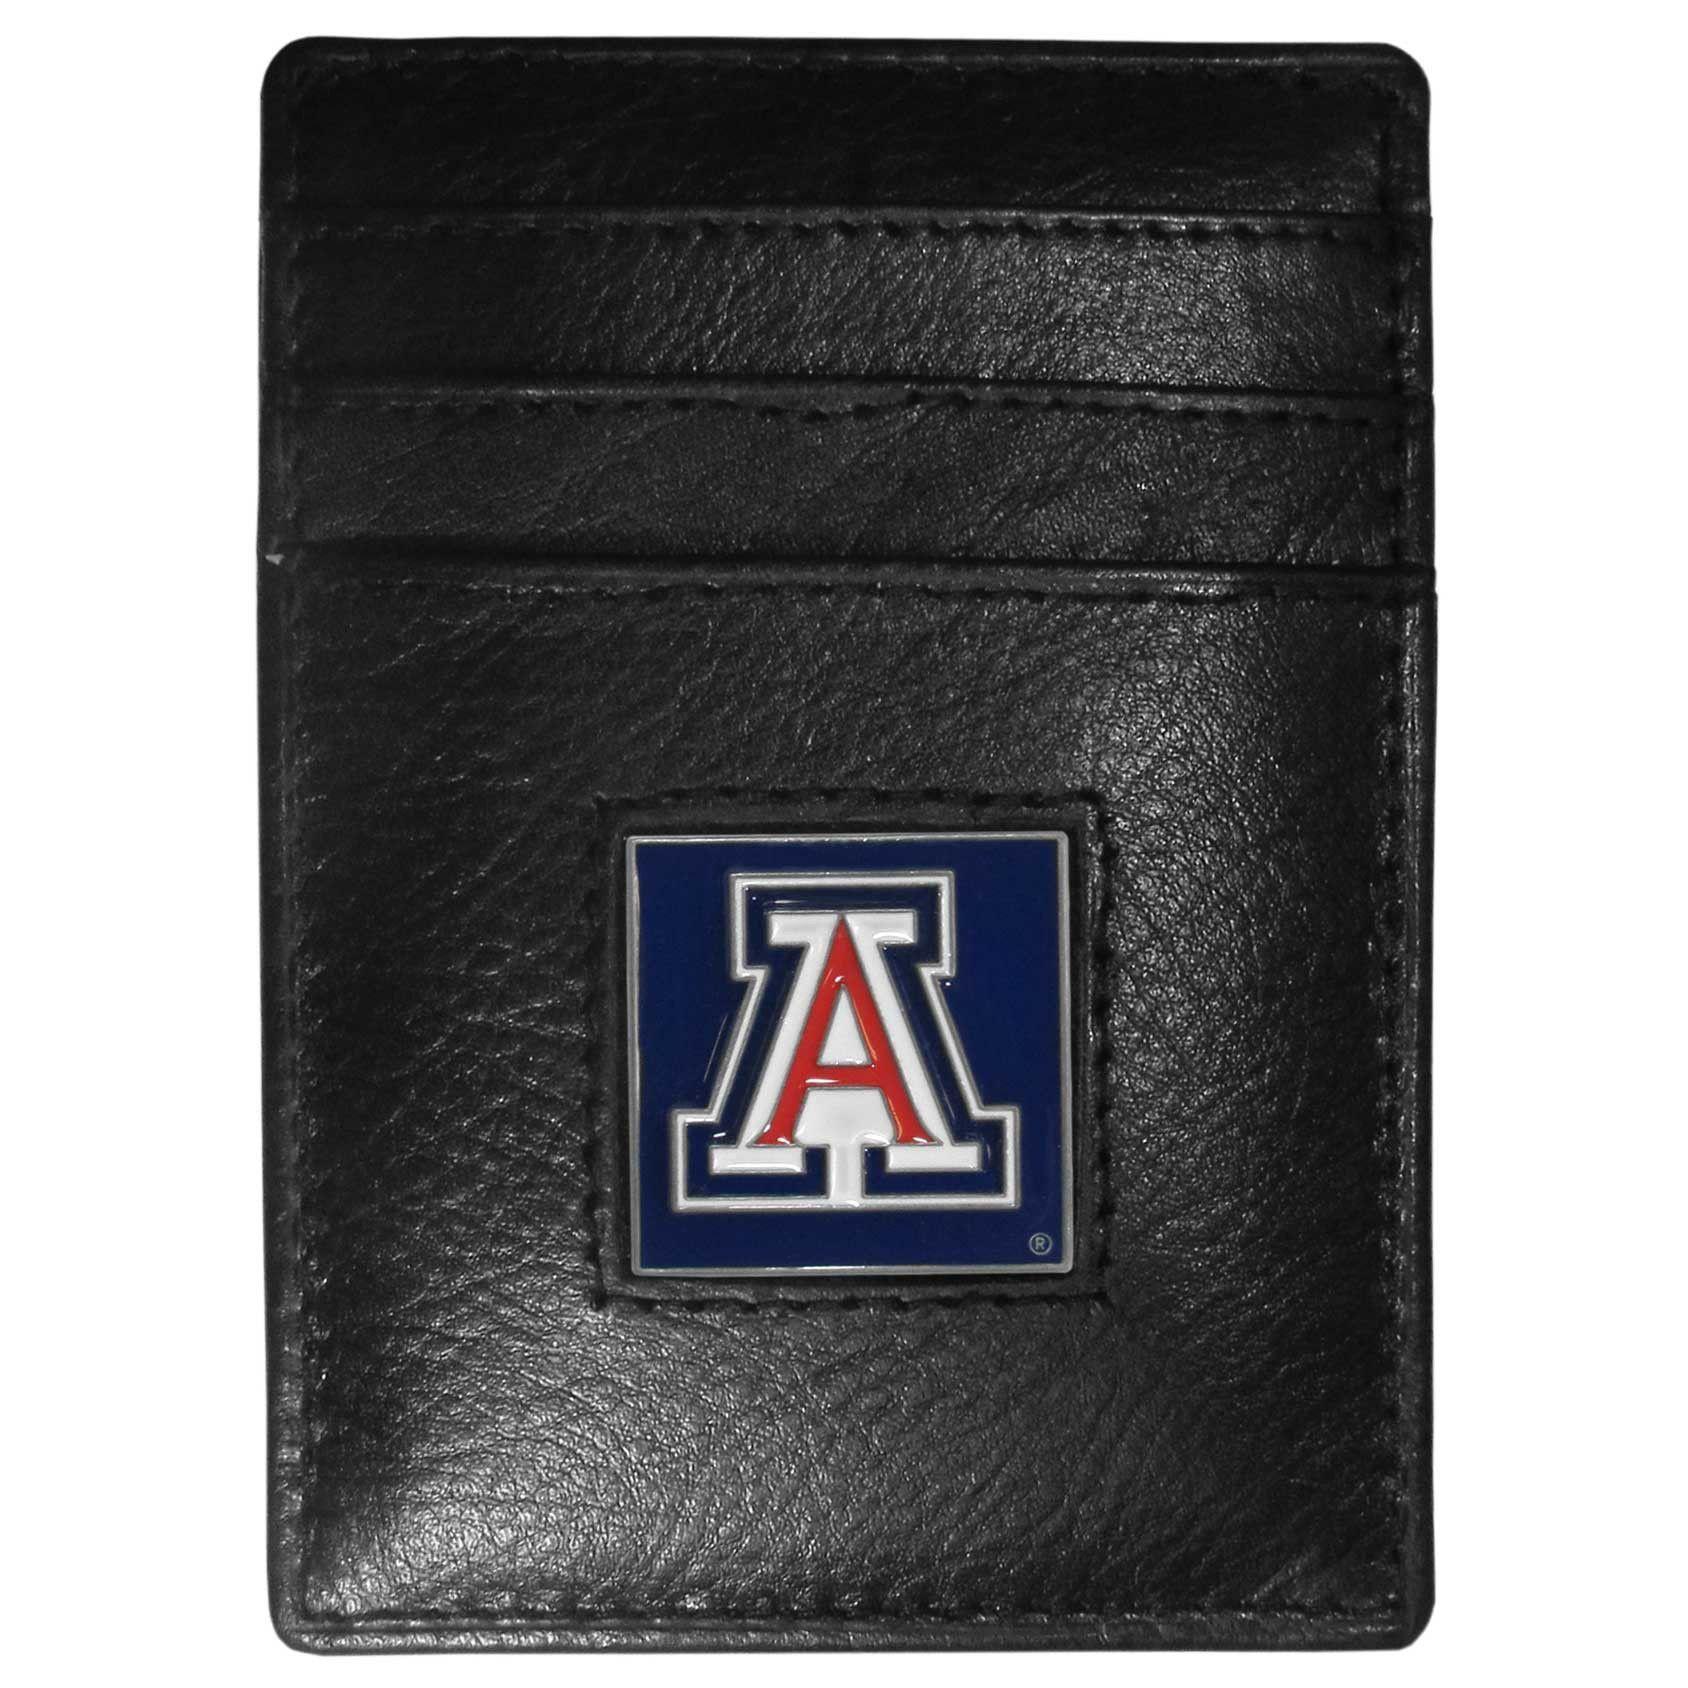 Arizona Wildcats Leather Money Clip/Cardholder